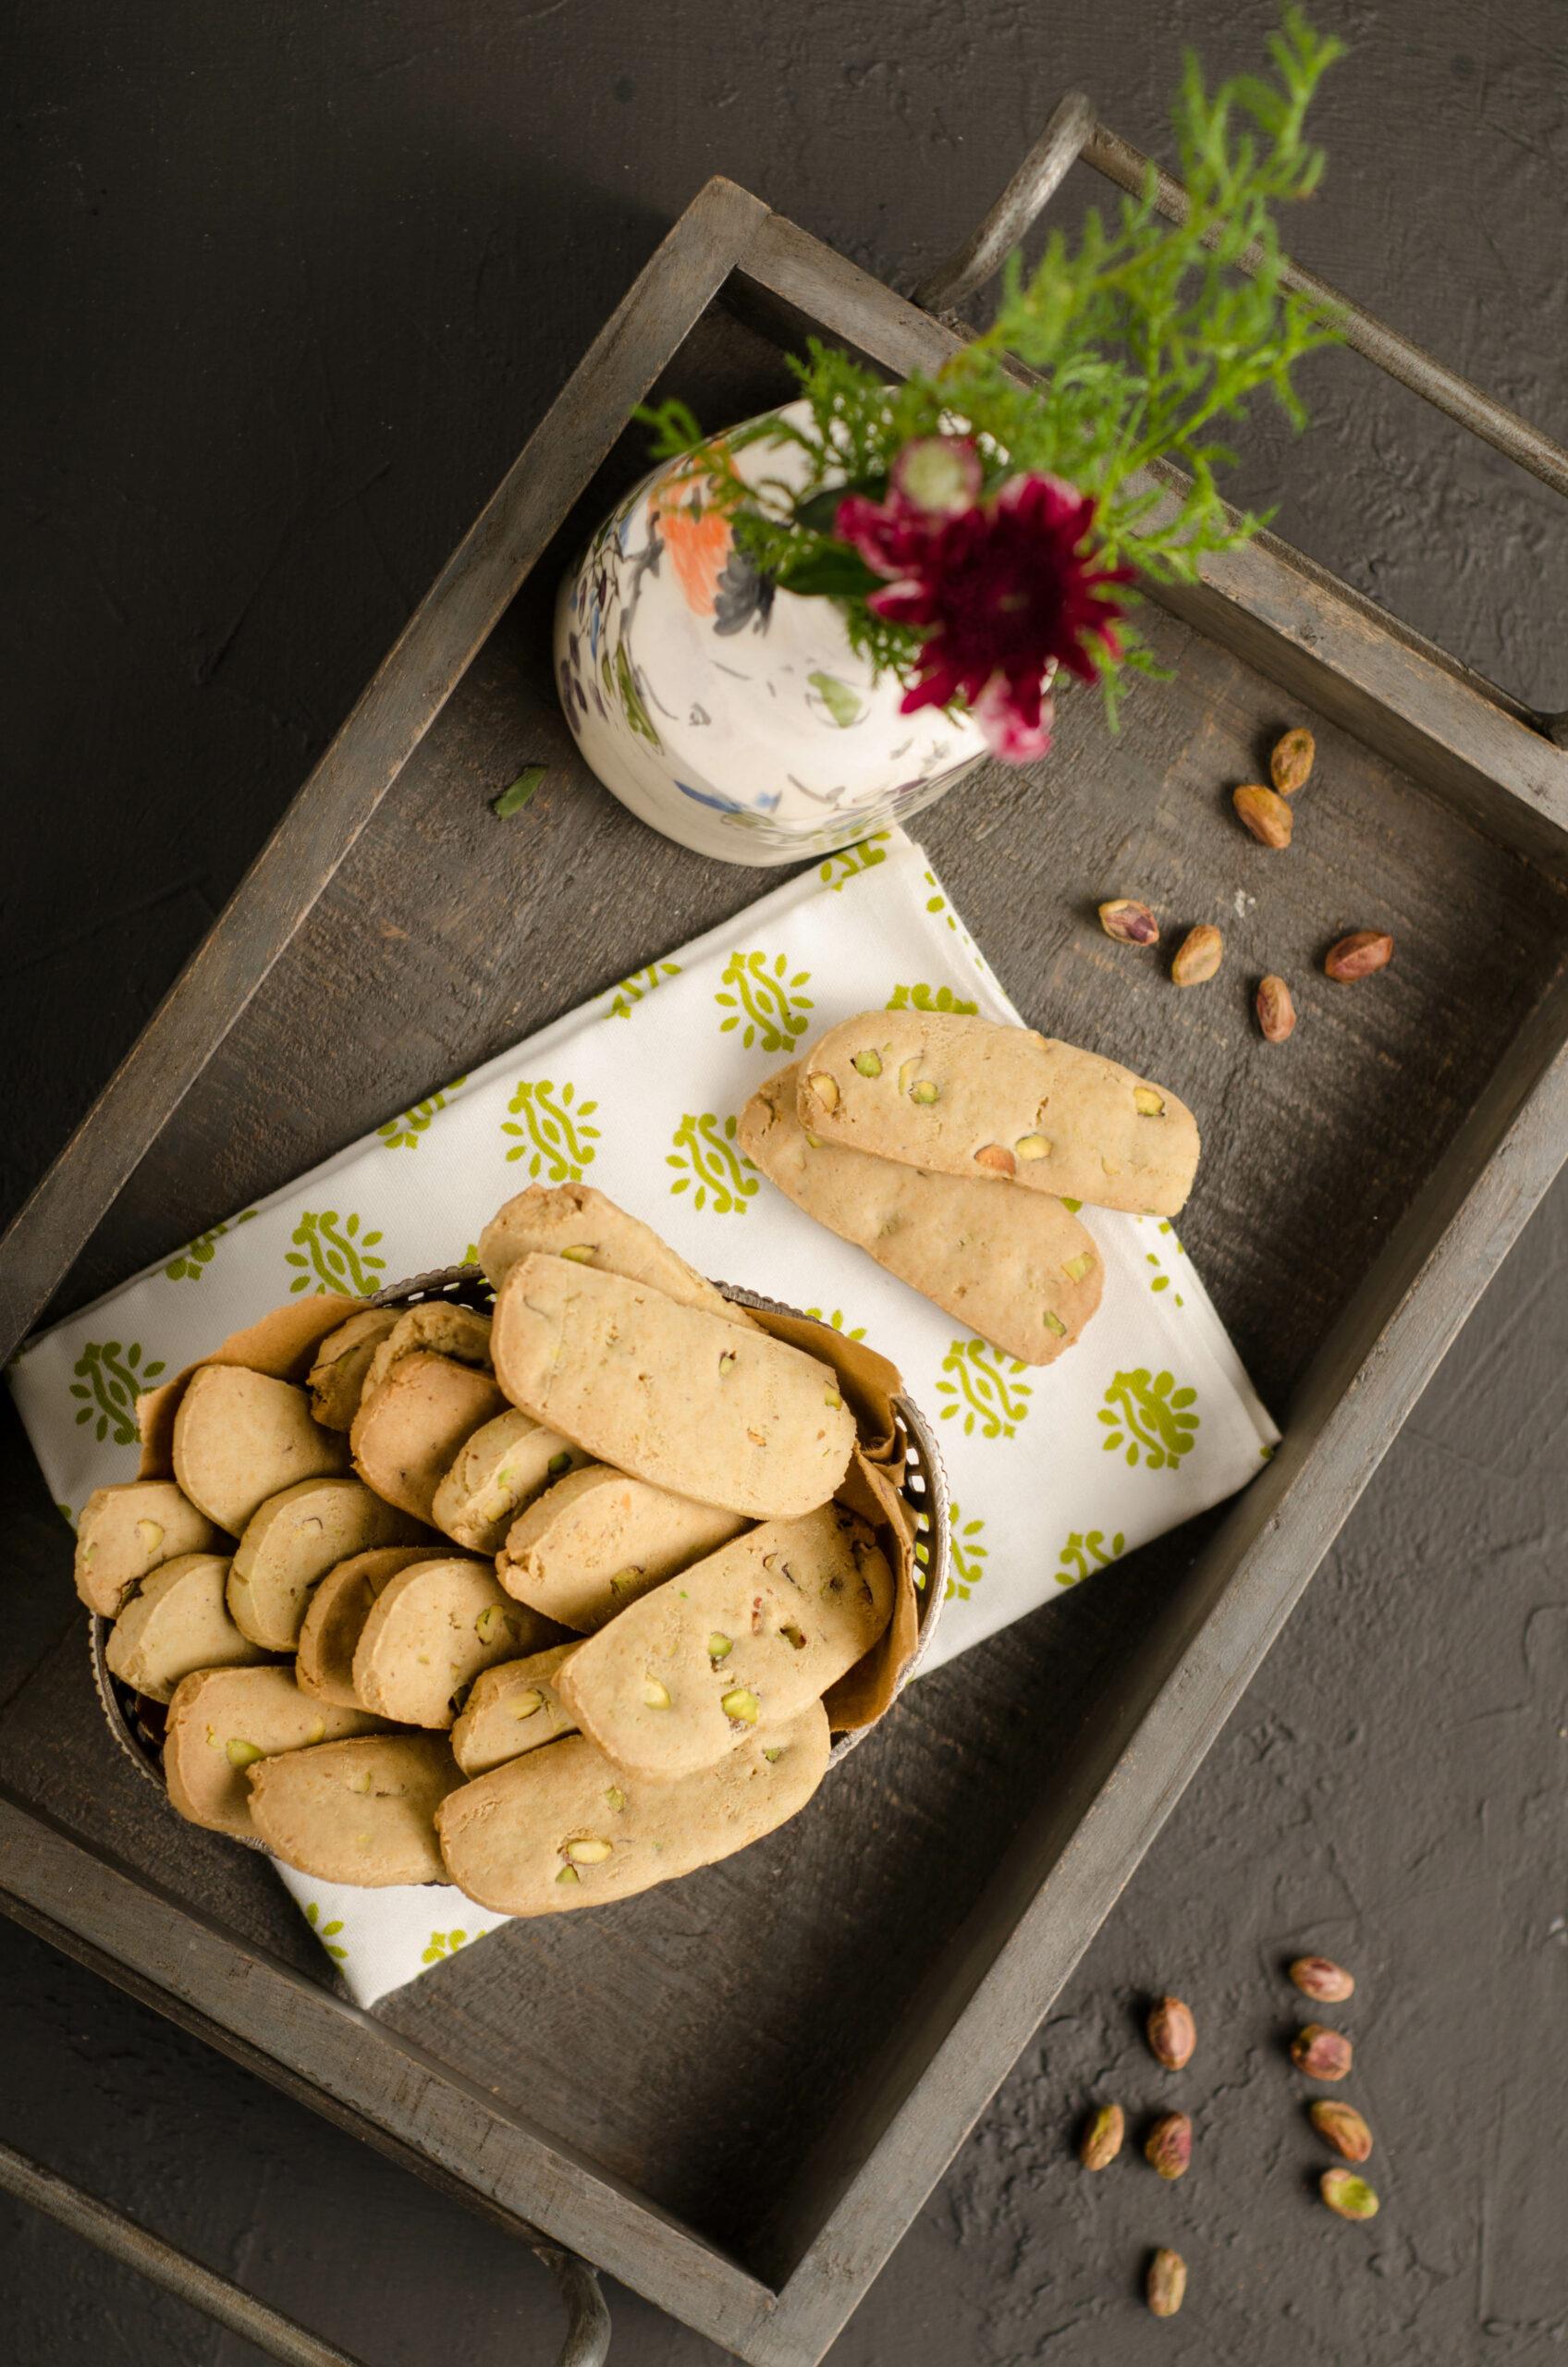 pistachio wafer cookies